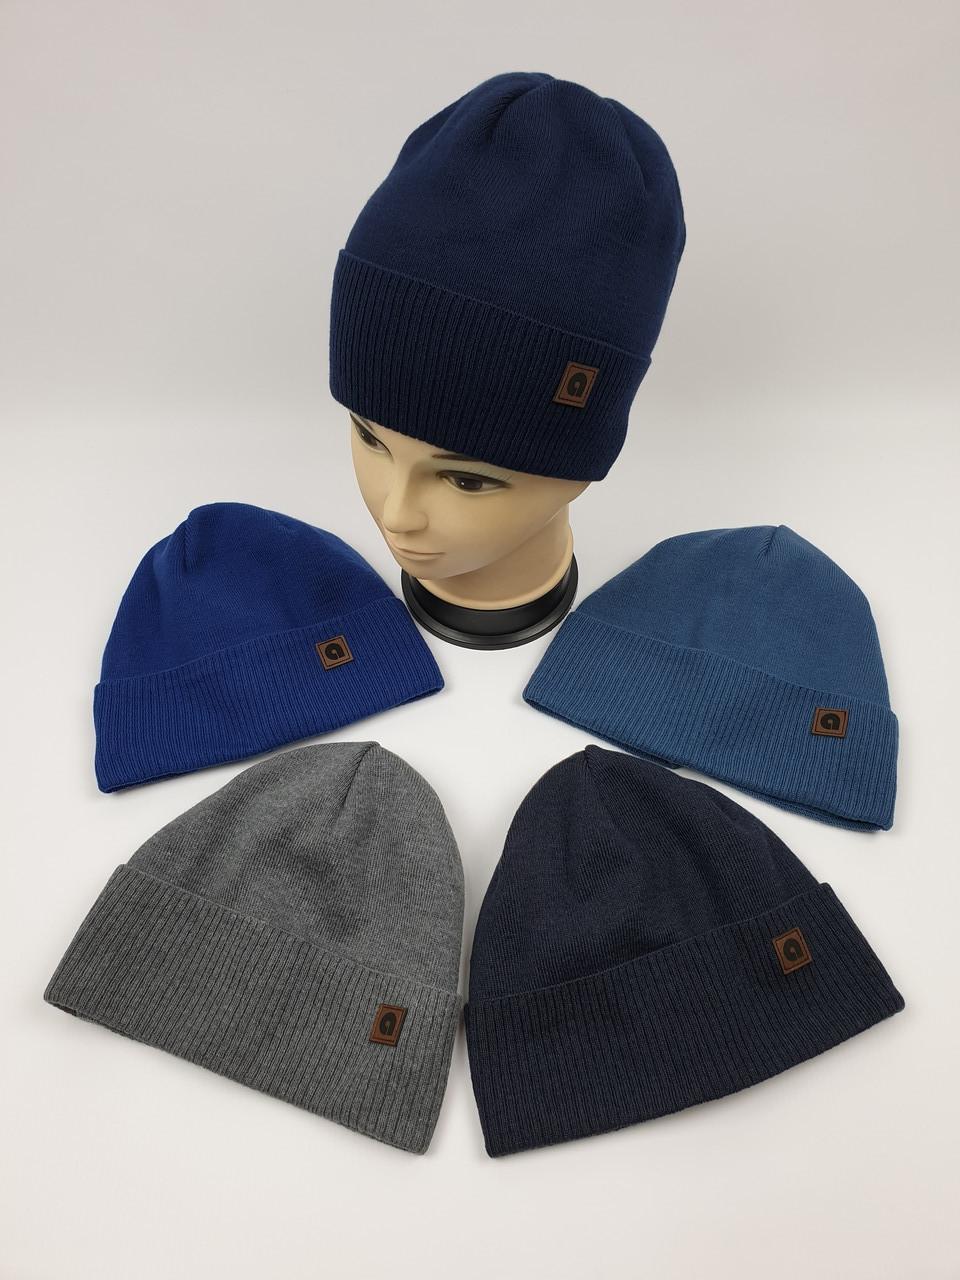 Подростковые демисезонные вязаные шапки для мальчиков оптом, р.52-54, Agbo (2651rudi)